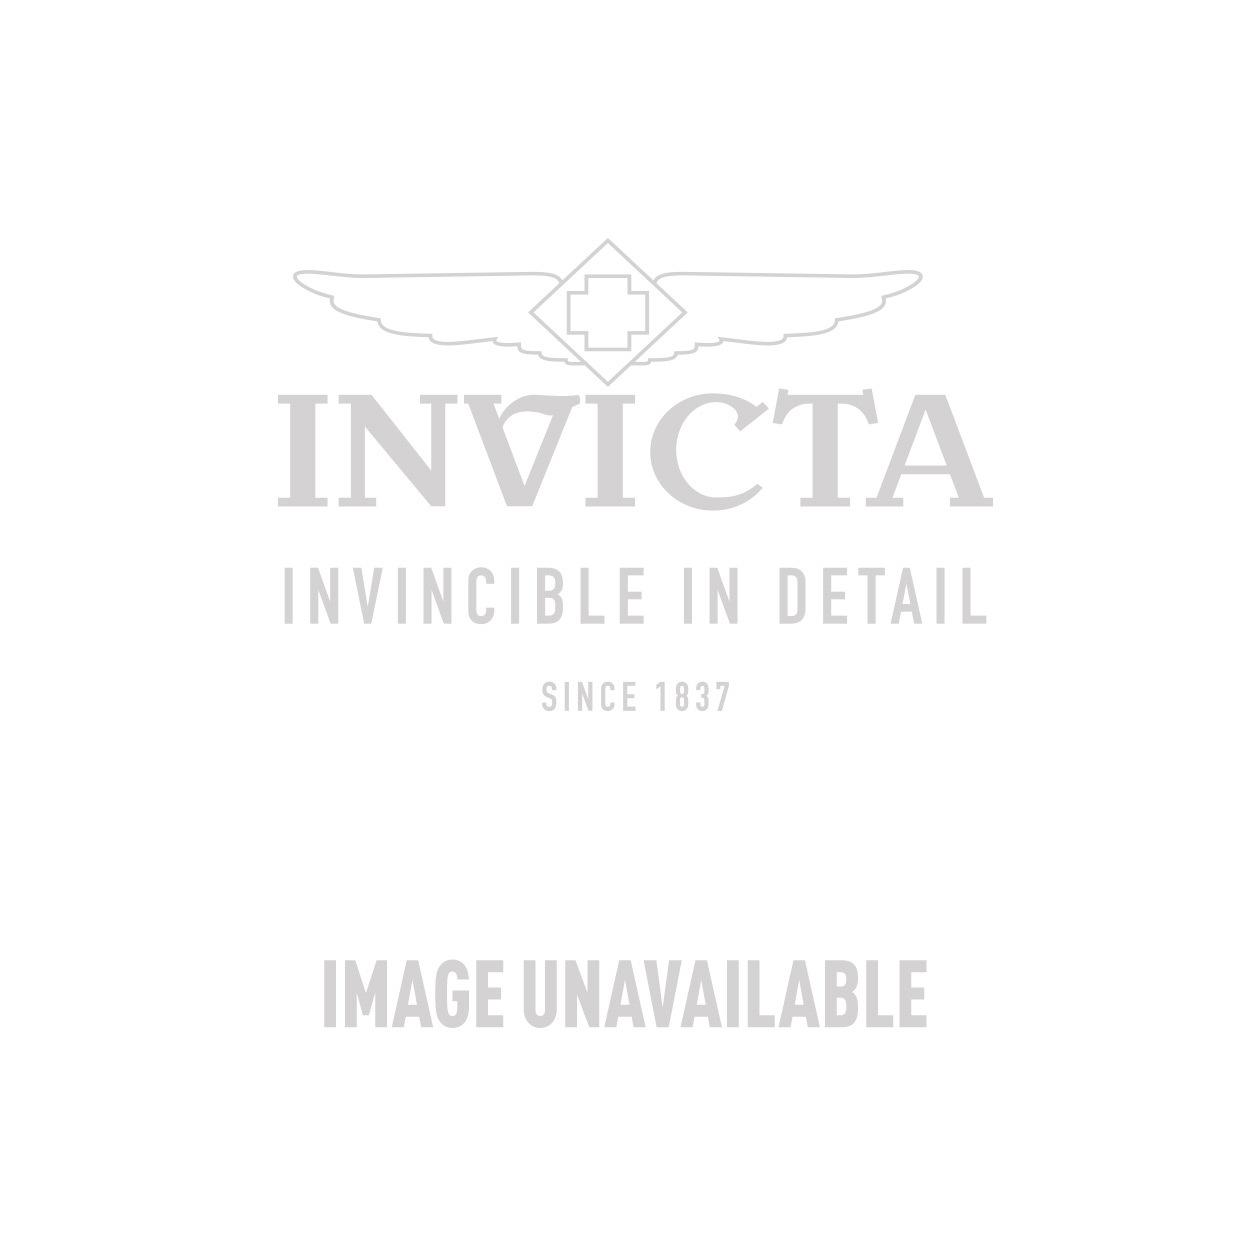 Invicta Model 27221